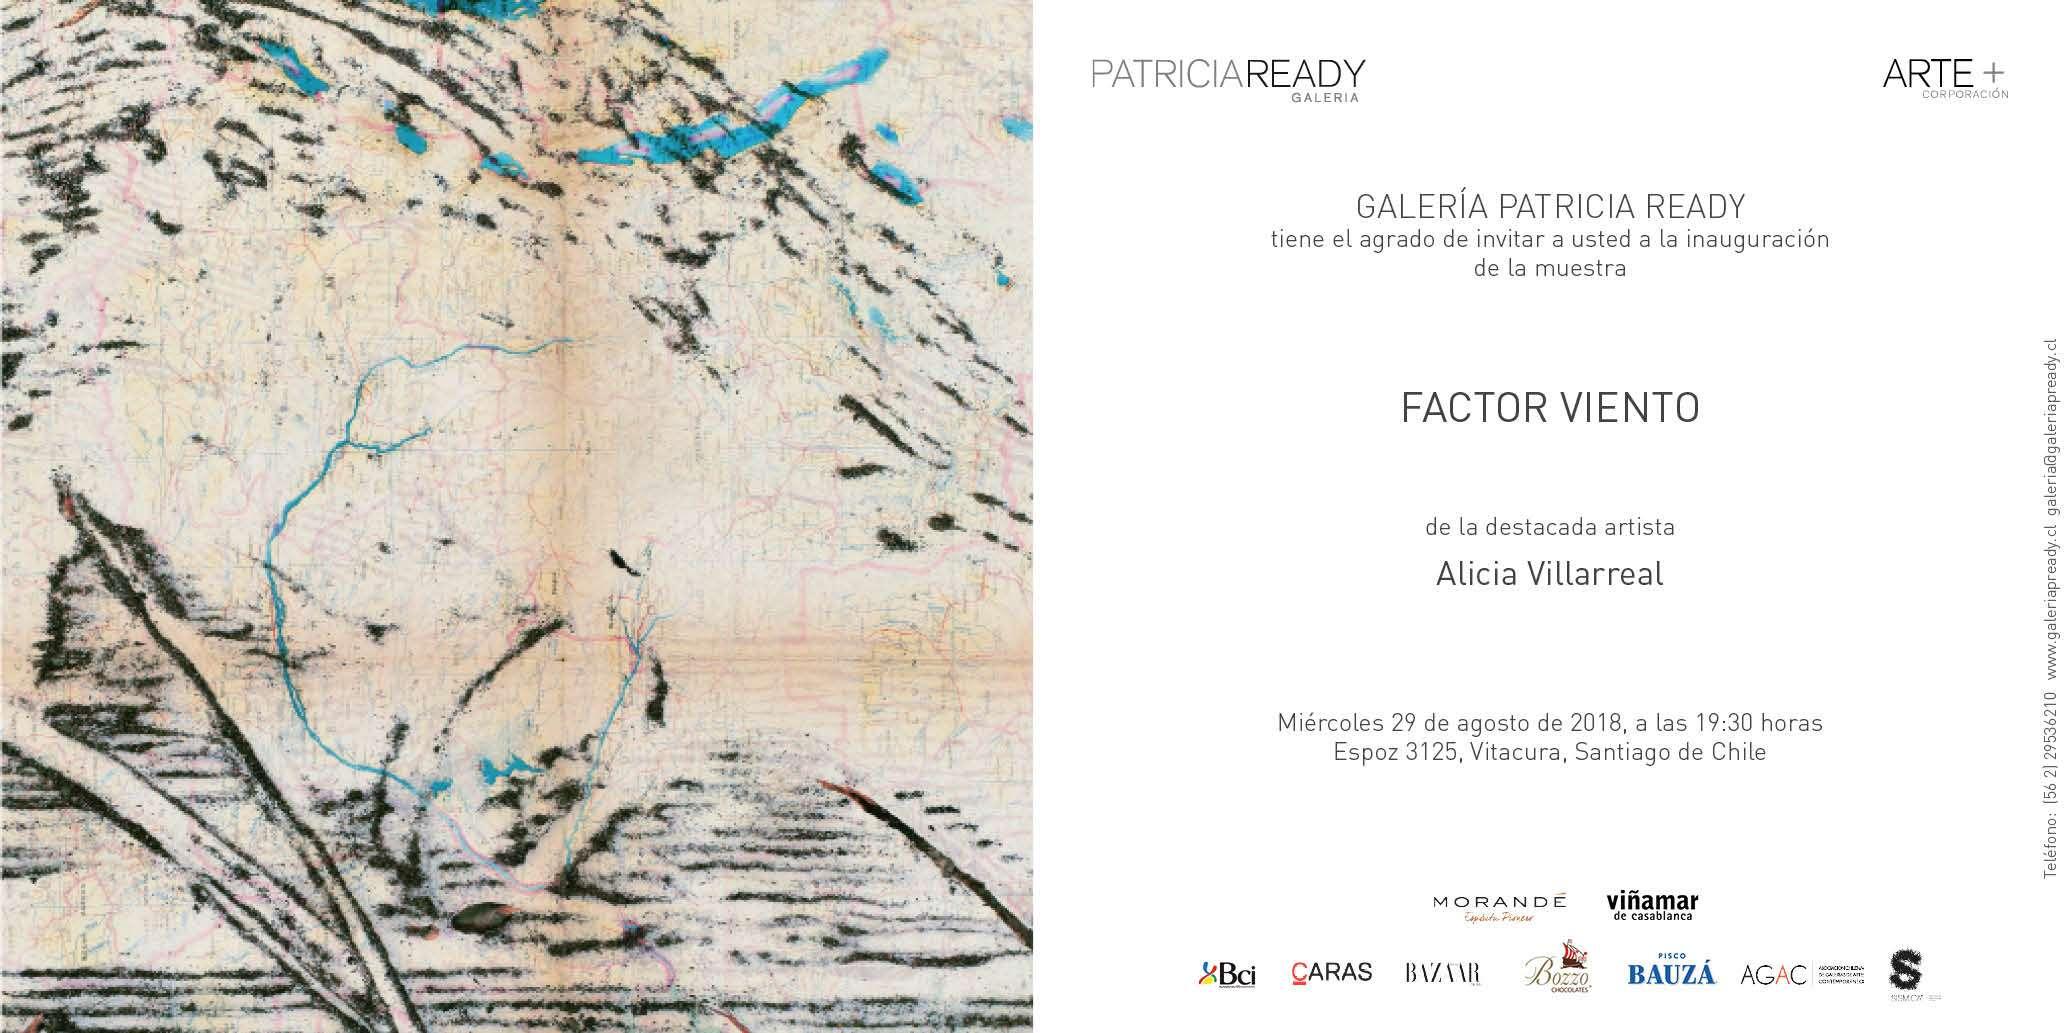 Invitación Alicia Villarreal (1) (1).jpg